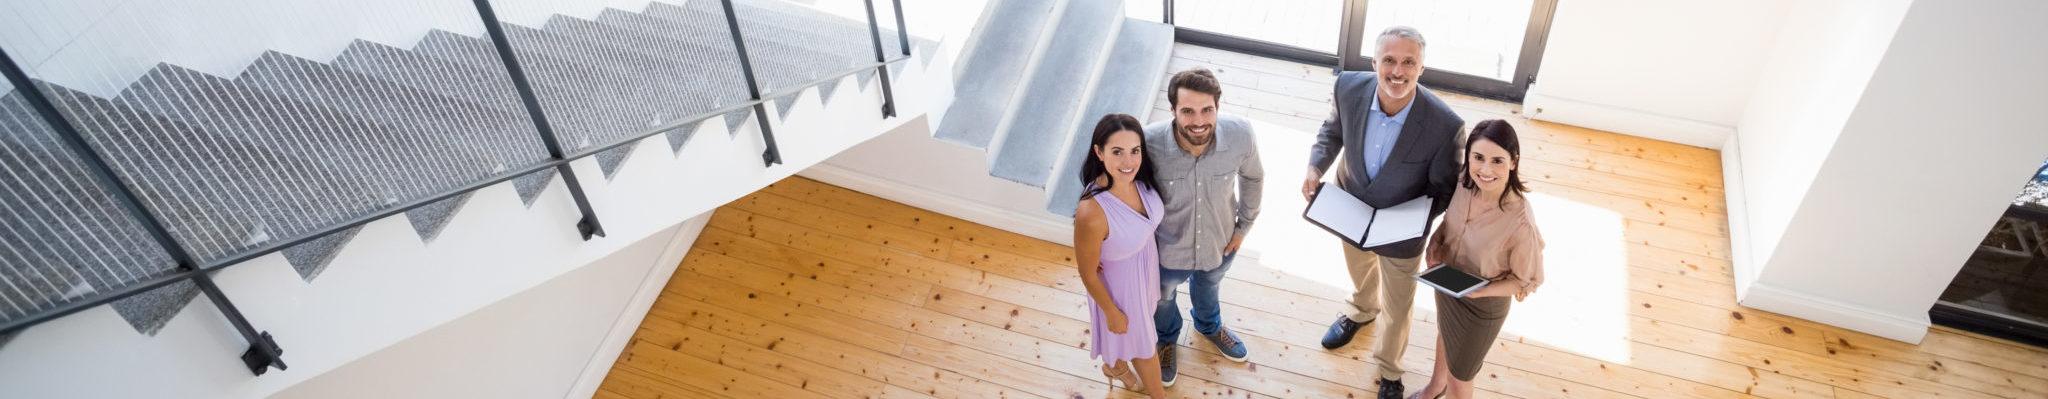 Wedow Immobilien - Verkauf und Vermietung